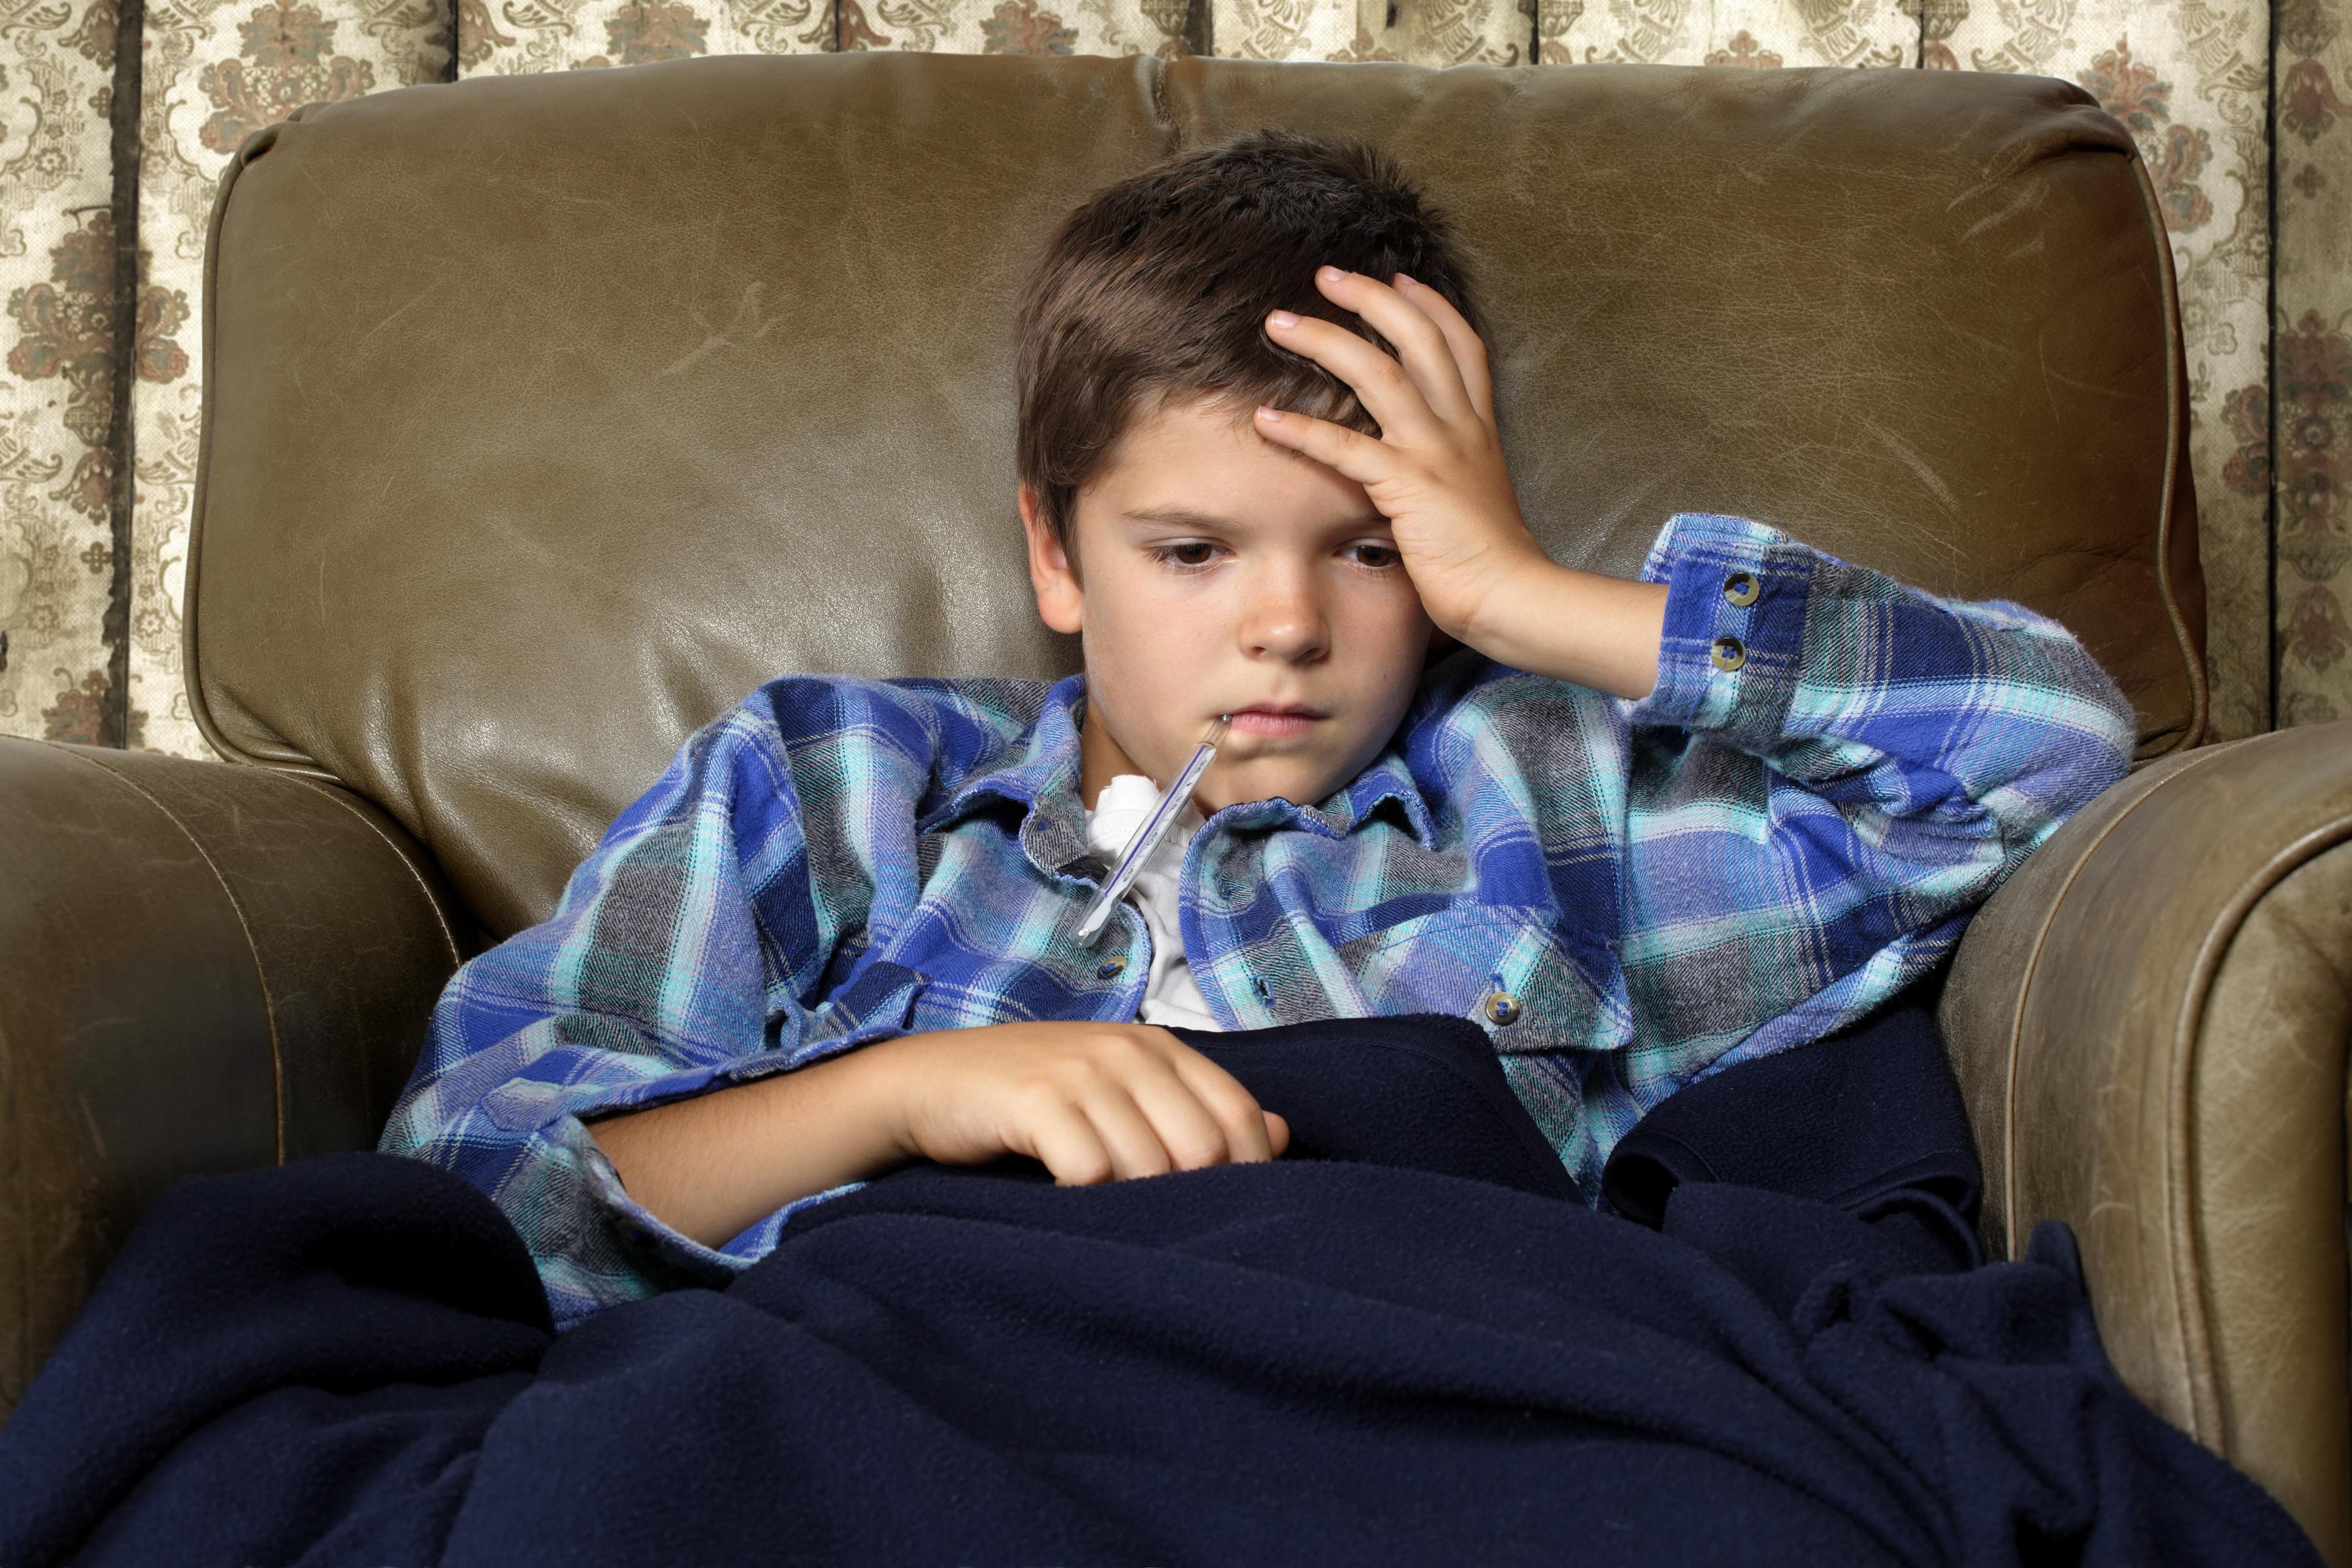 ¿Cómo entretener a los niños cuando están resfriados?